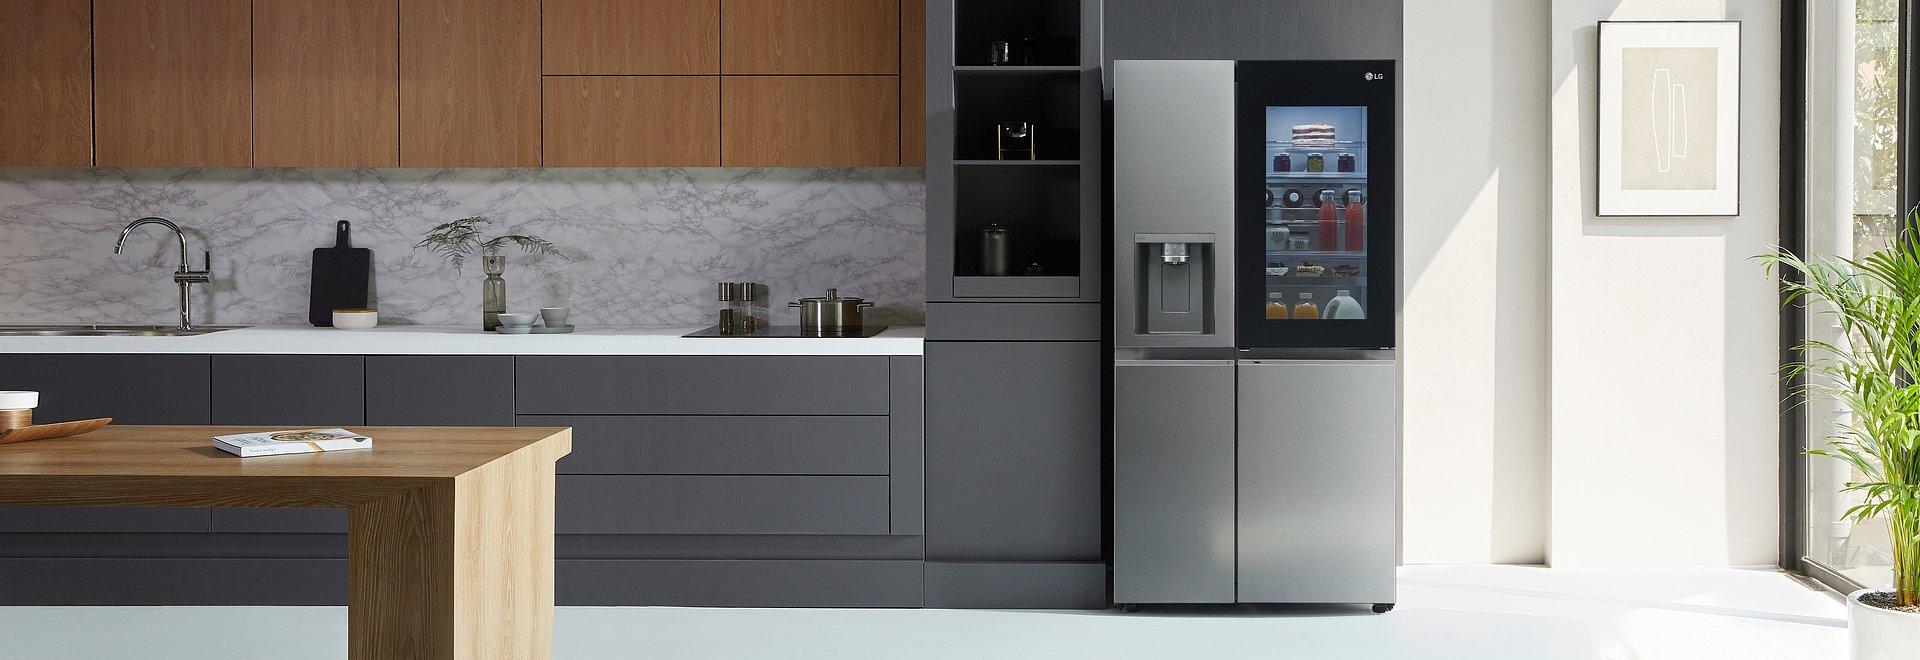 Minimalistyczne wzornictwo, efektywne chłodzenie i komfort użytkowania na najwyższym poziomie – LG wprowadza nowe lodówki InstaView